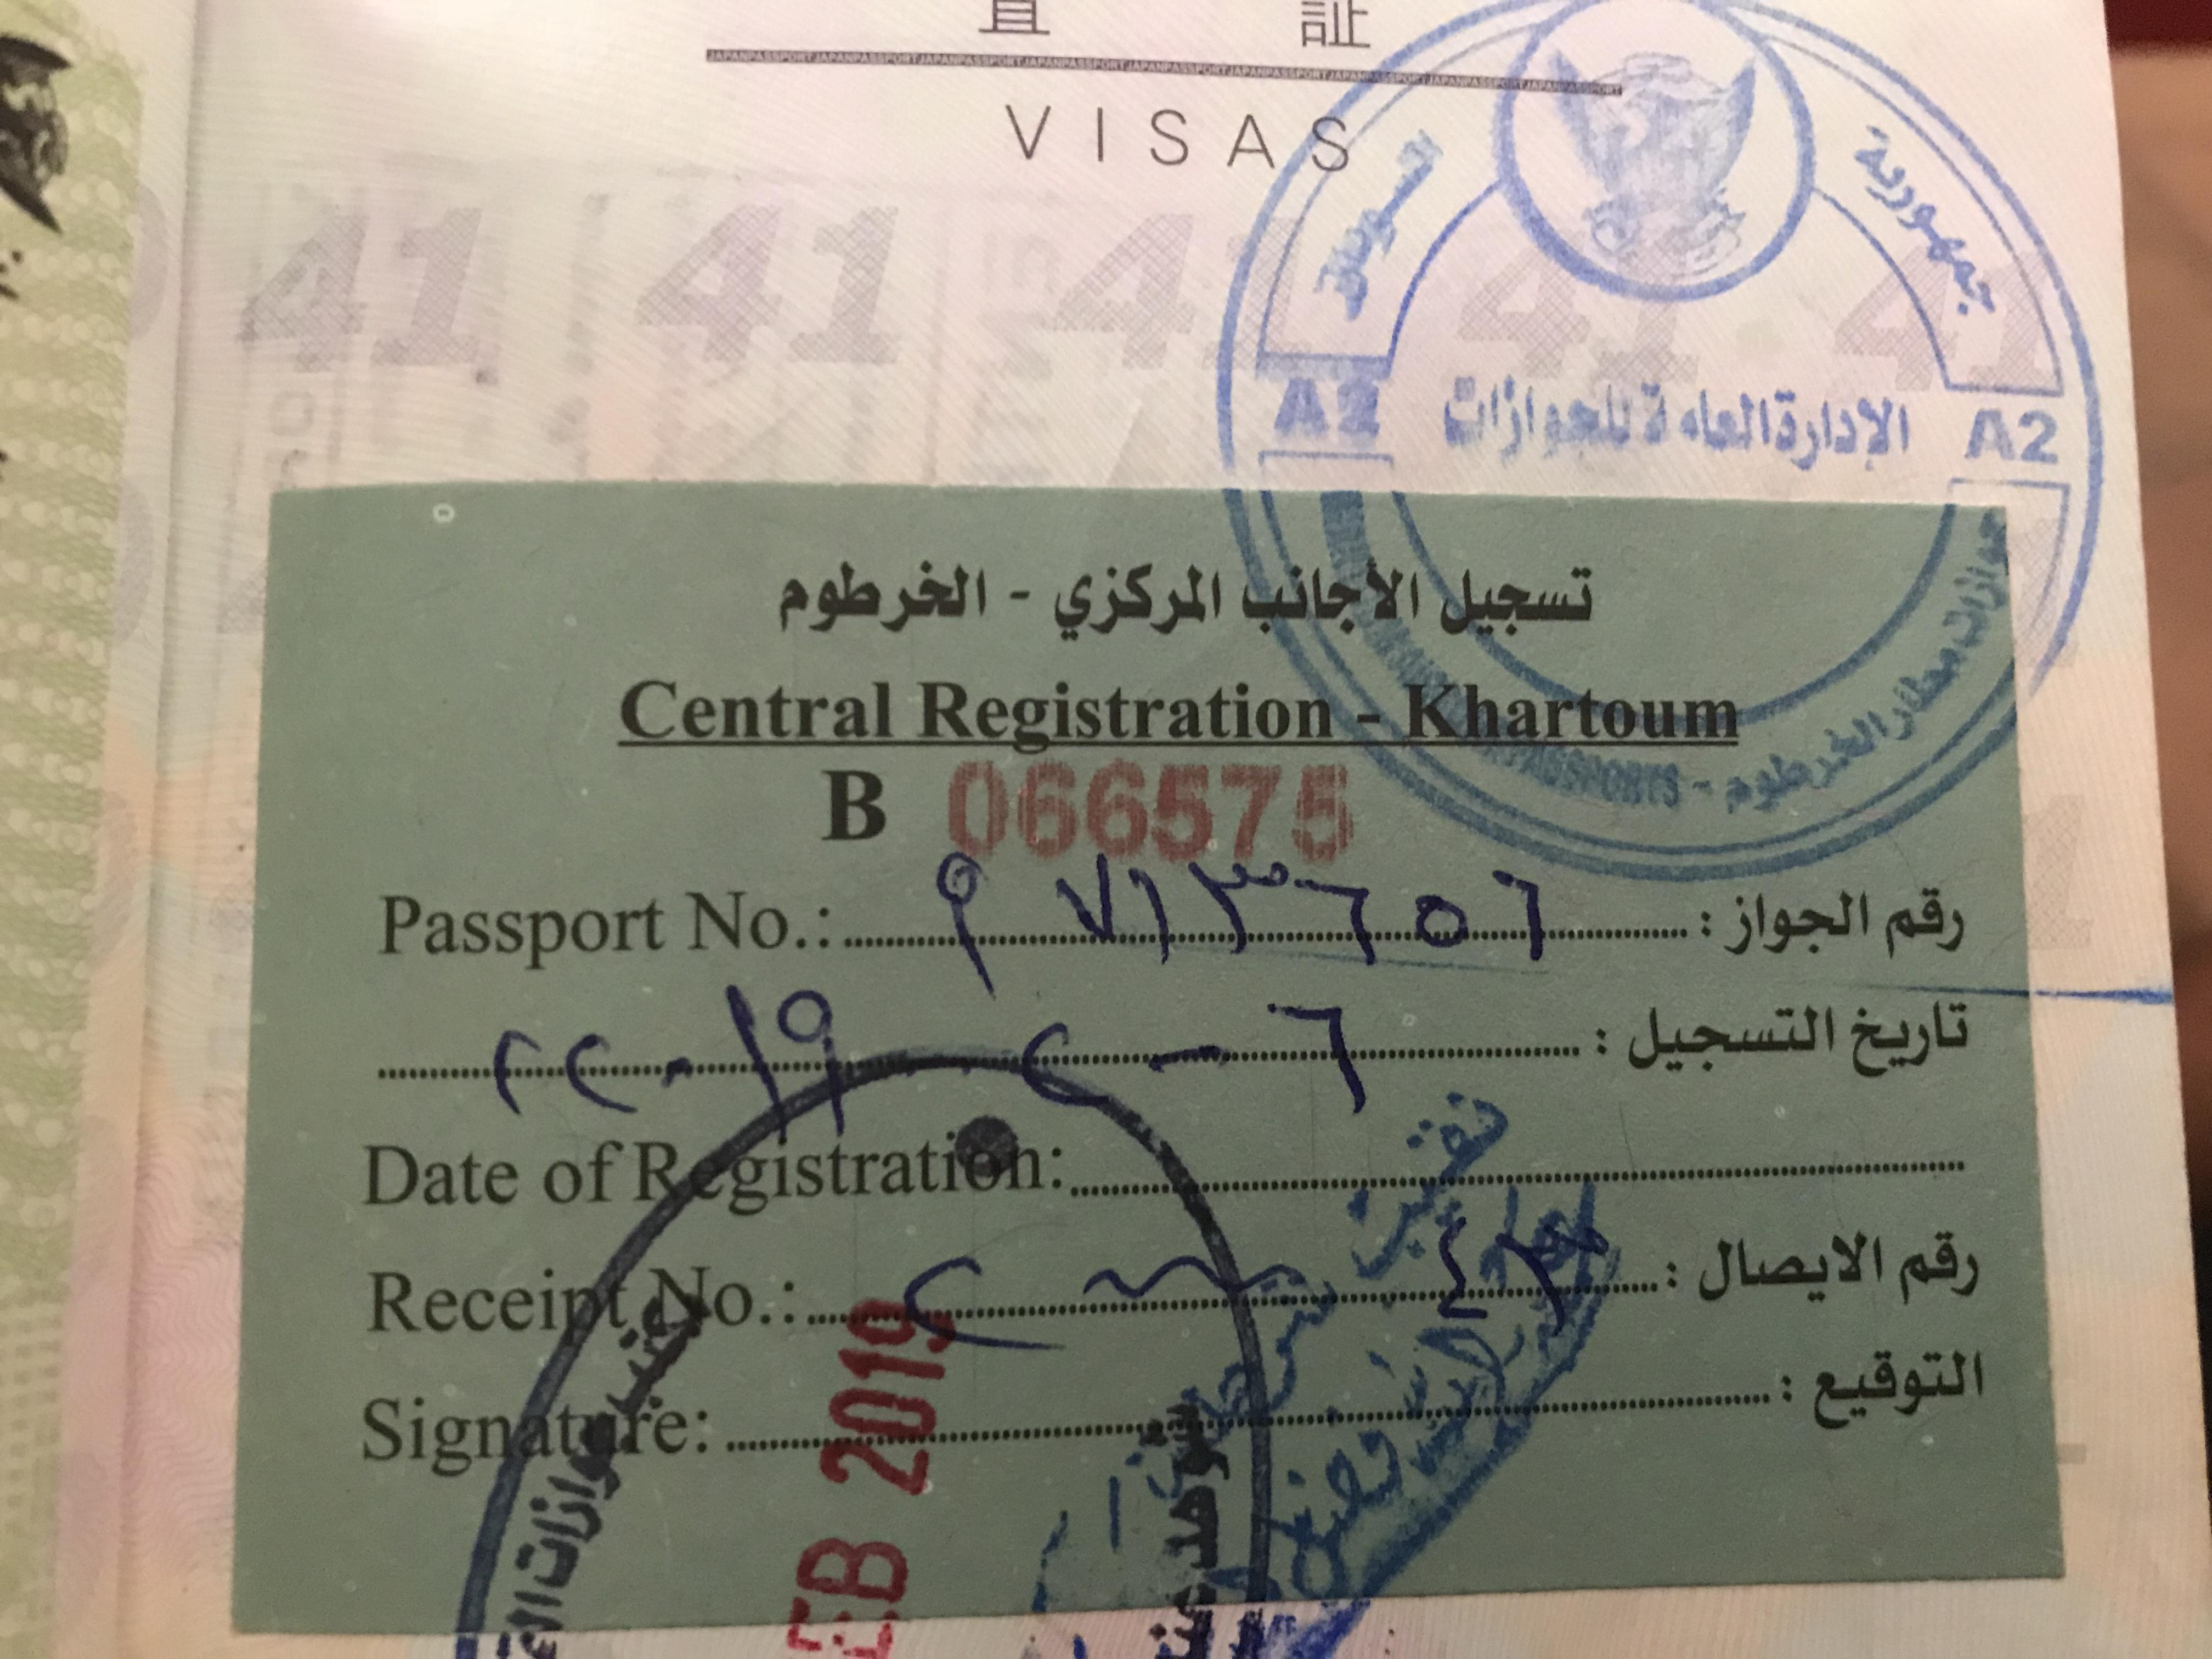 スーダン外国人登録